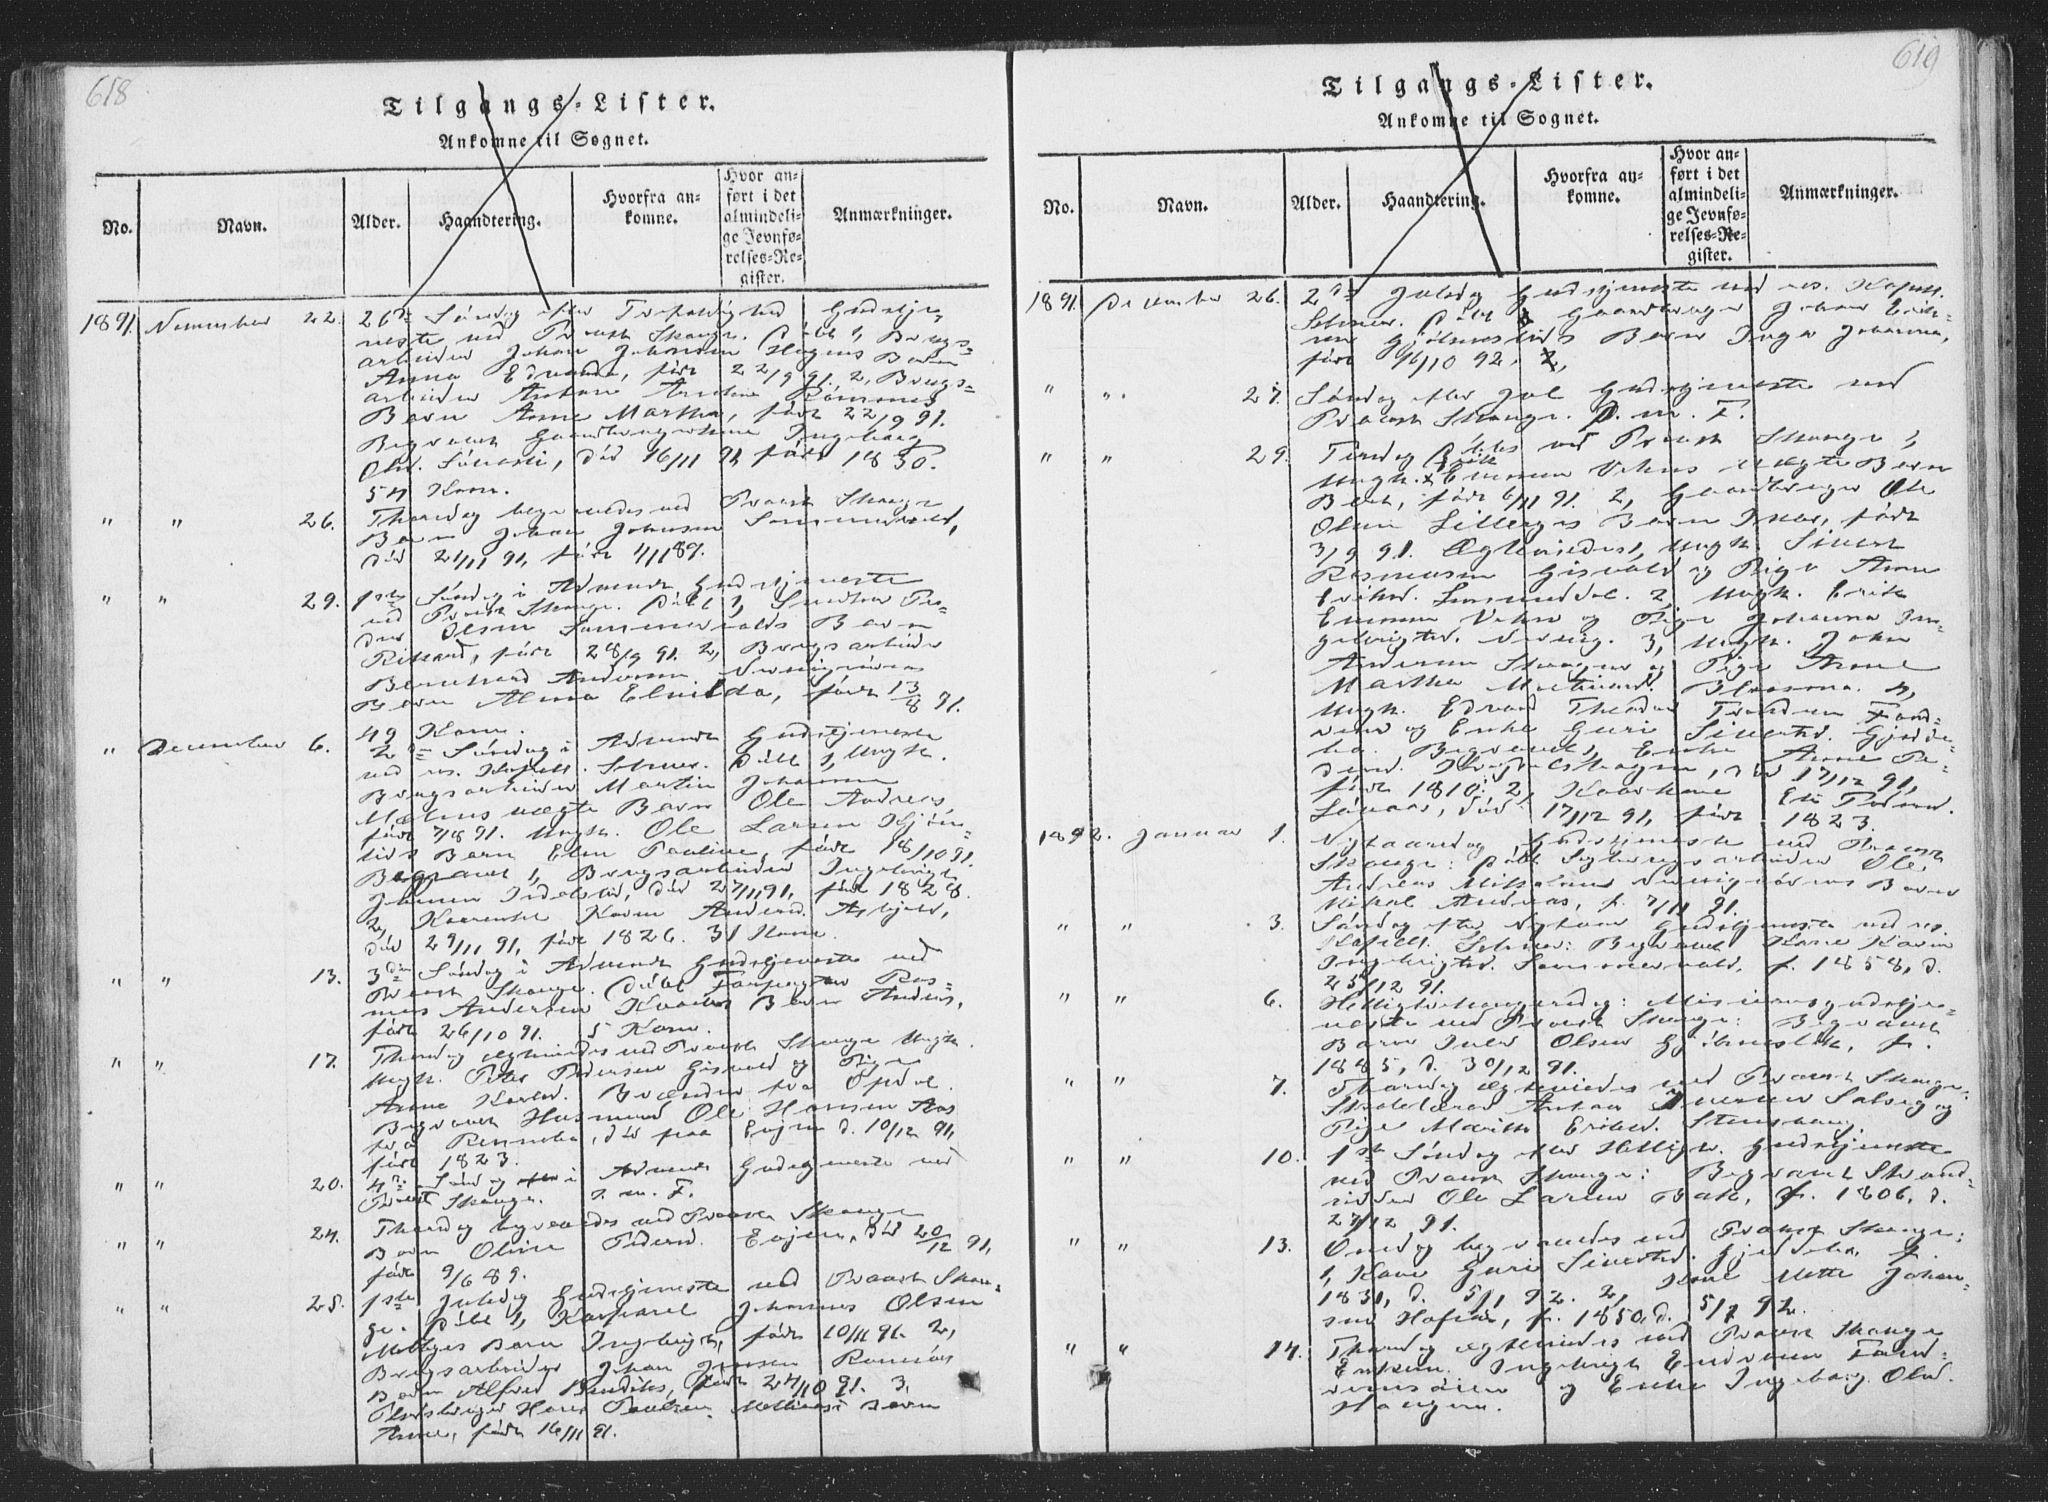 SAT, Ministerialprotokoller, klokkerbøker og fødselsregistre - Sør-Trøndelag, 668/L0816: Klokkerbok nr. 668C05, 1816-1893, s. 618-619